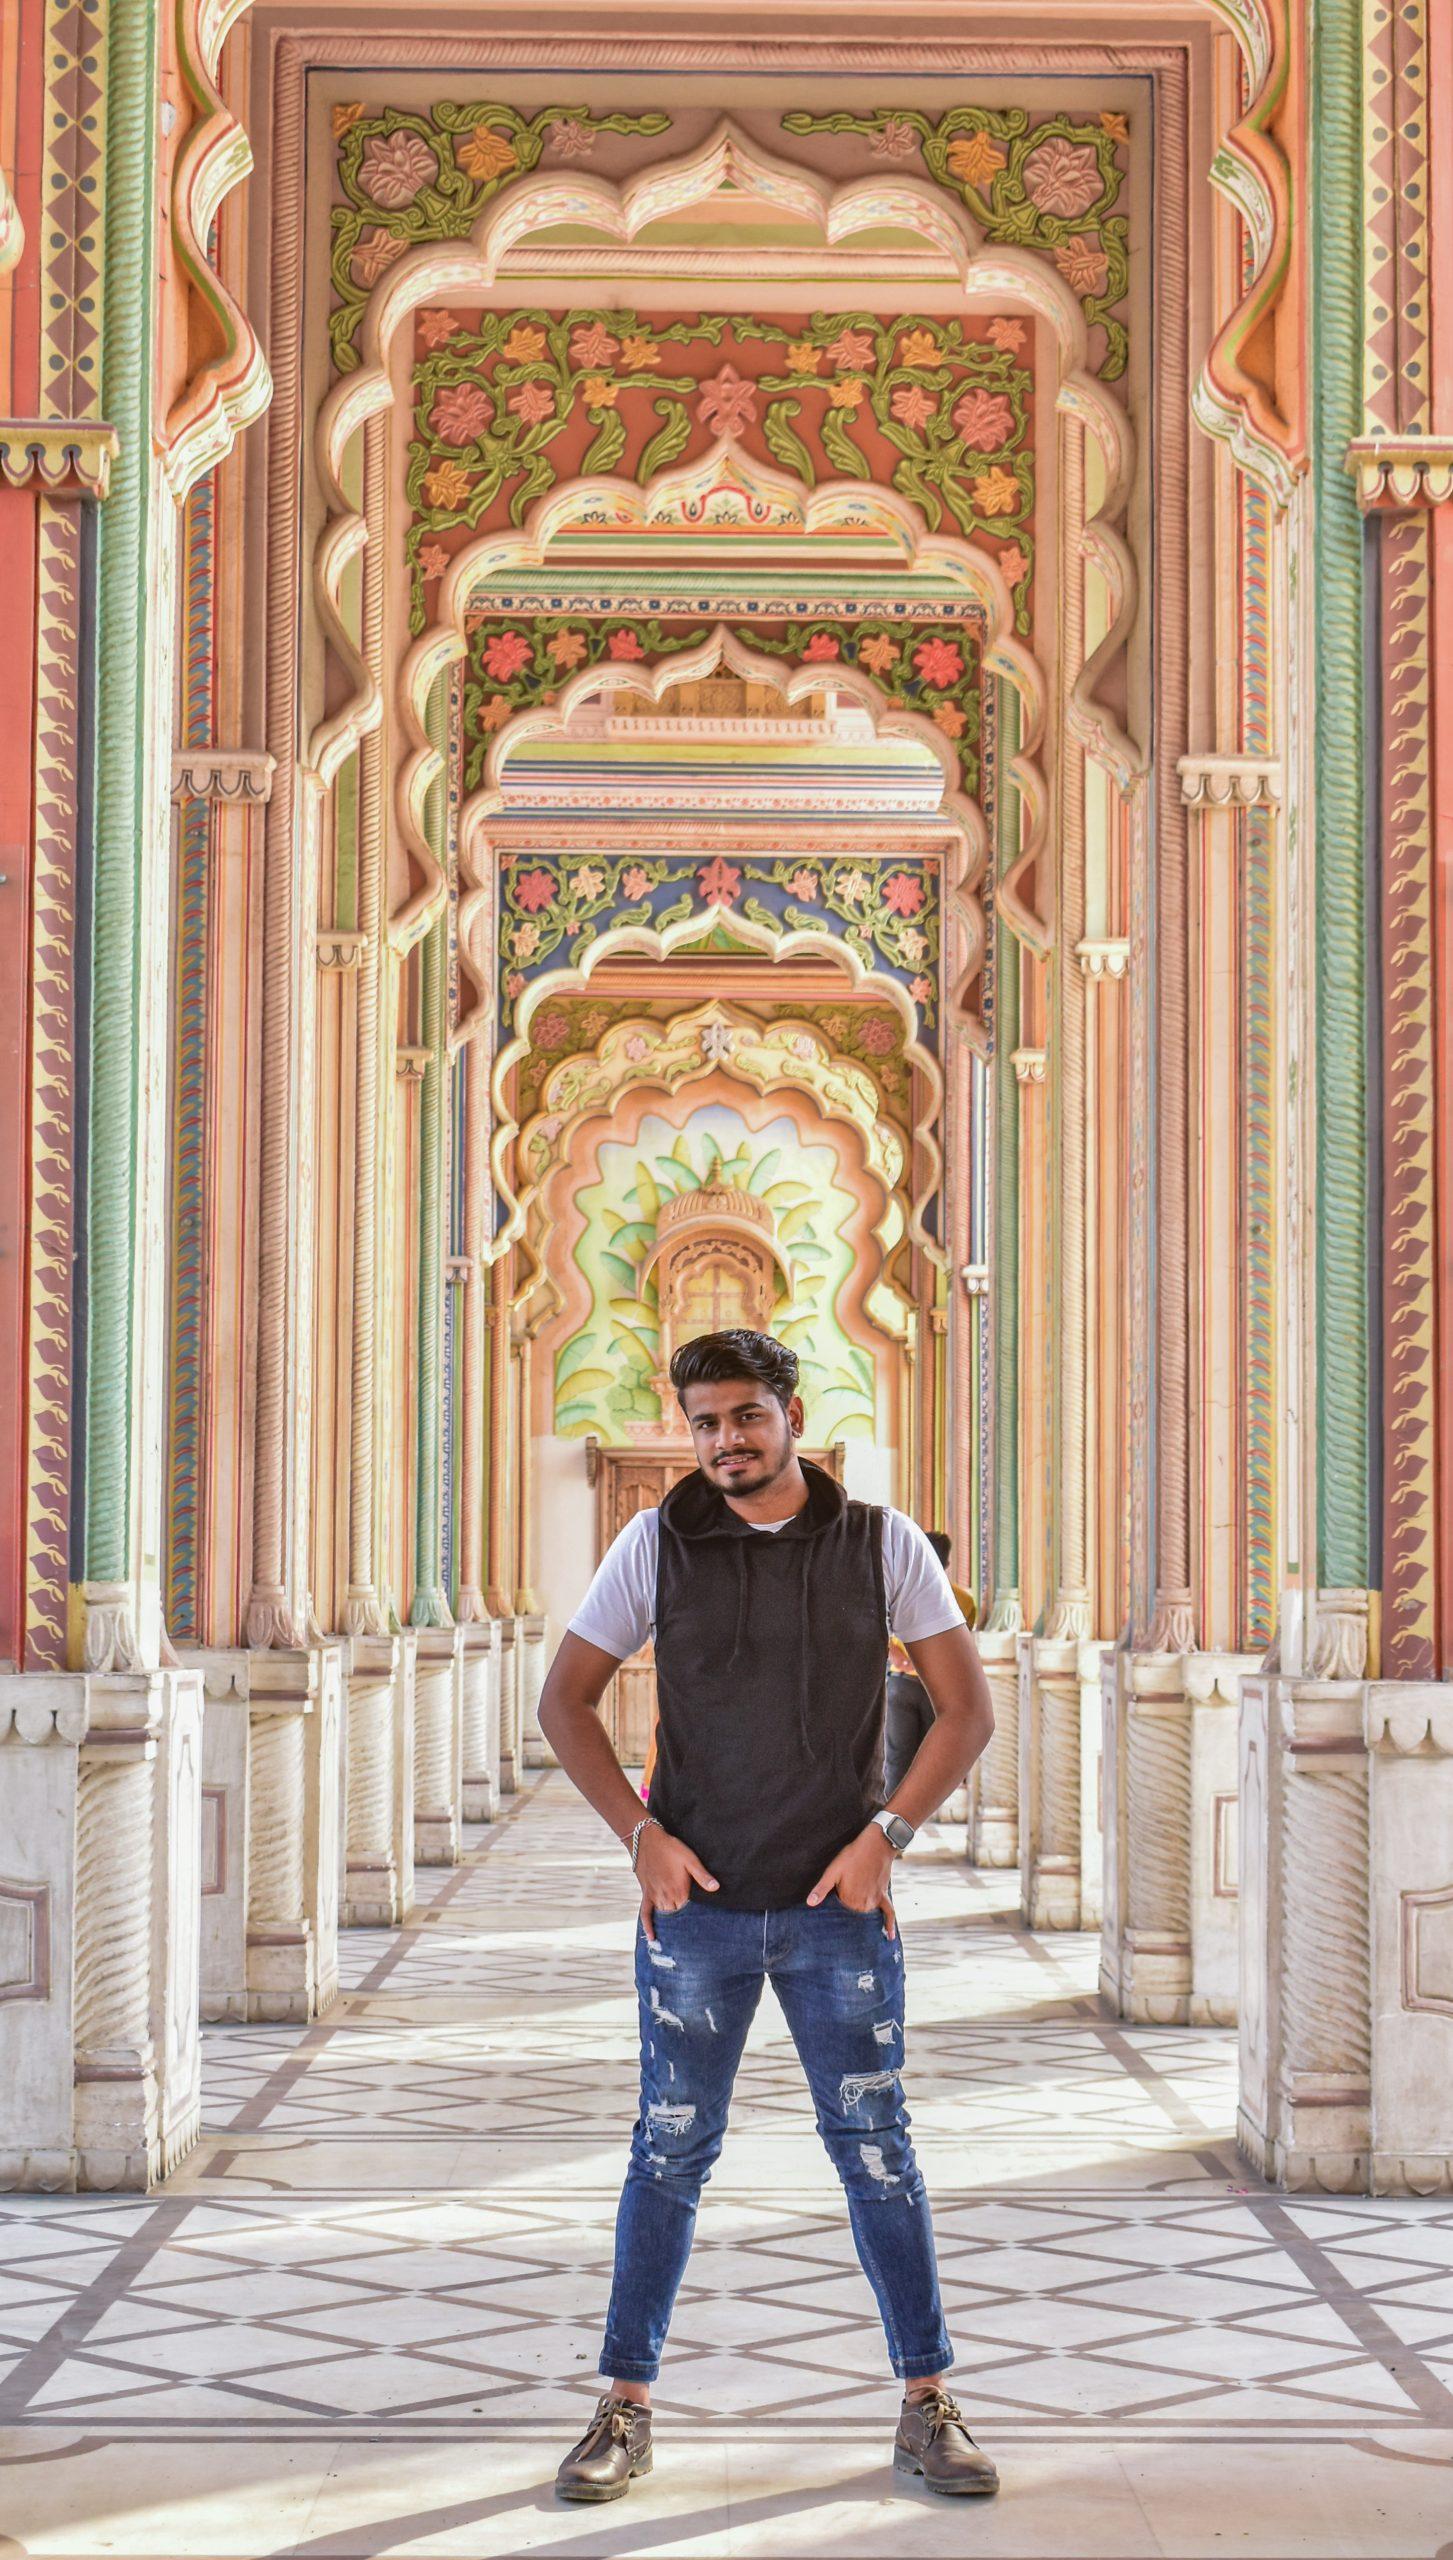 A boy inside Patrika Gate in Jaipur